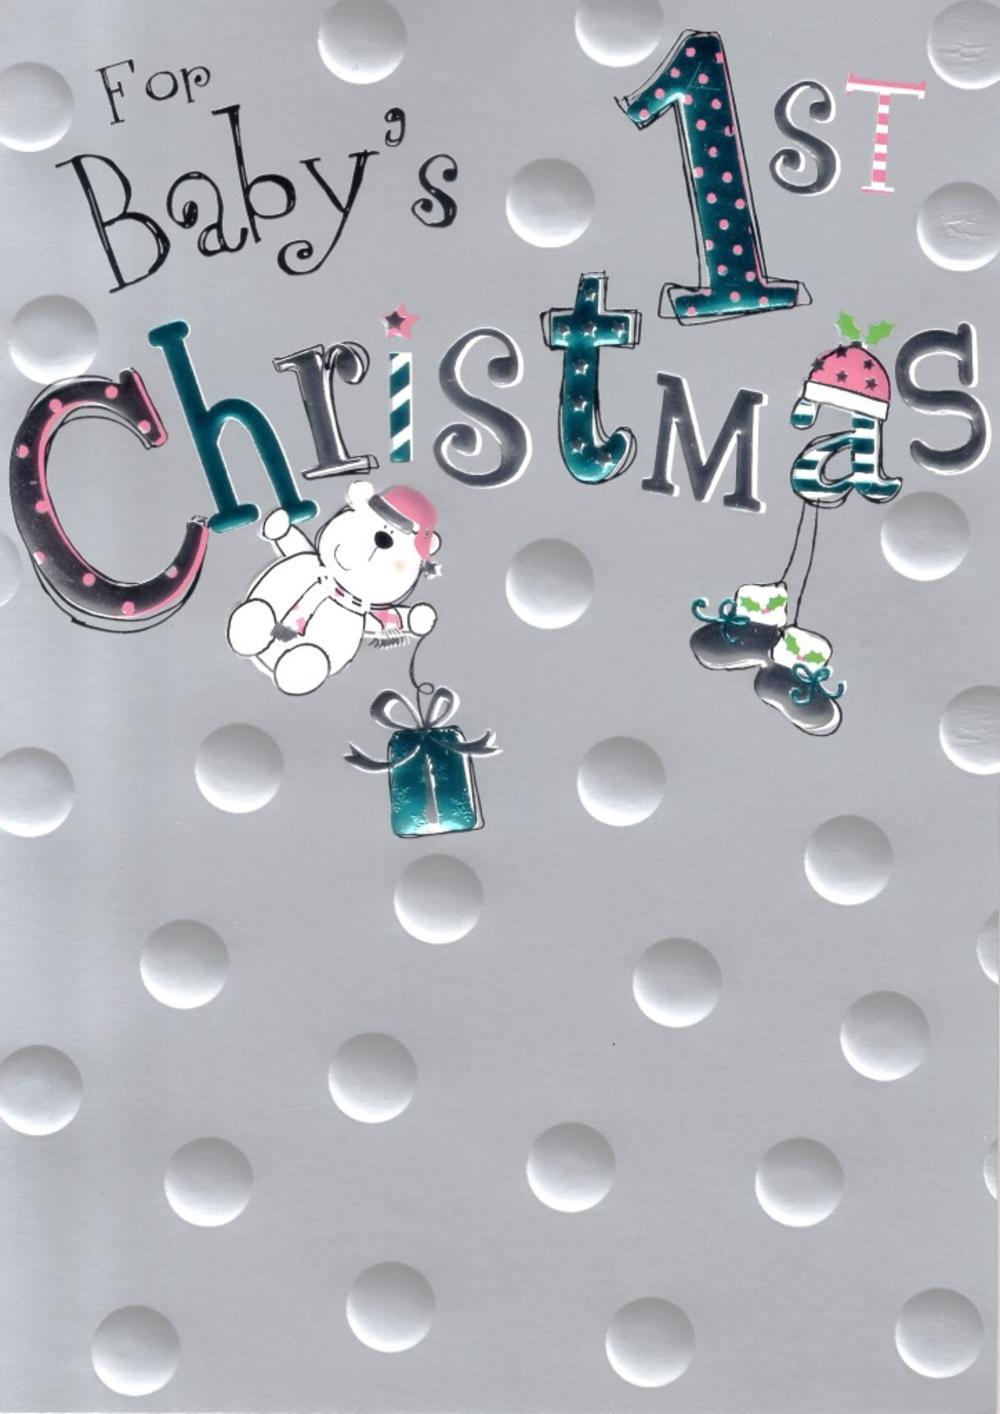 Baby's 1st Christmas Christmas Card